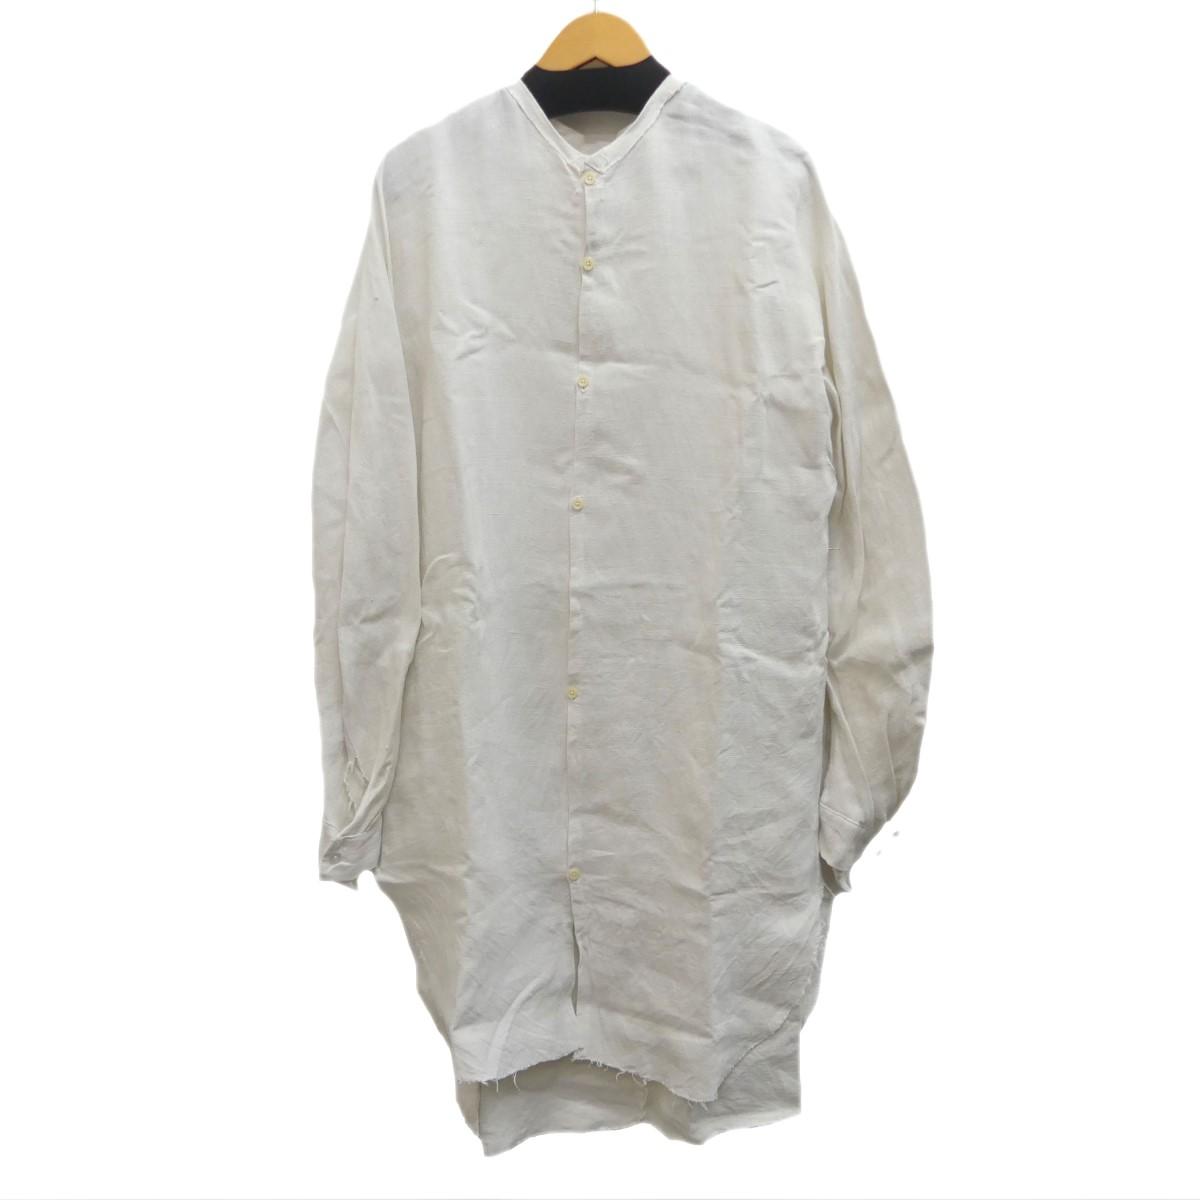 【中古】Proposition LESS SEAM SHIRT リネンロングシャツ ホワイト サイズ:M 【020420】(プロポジション)